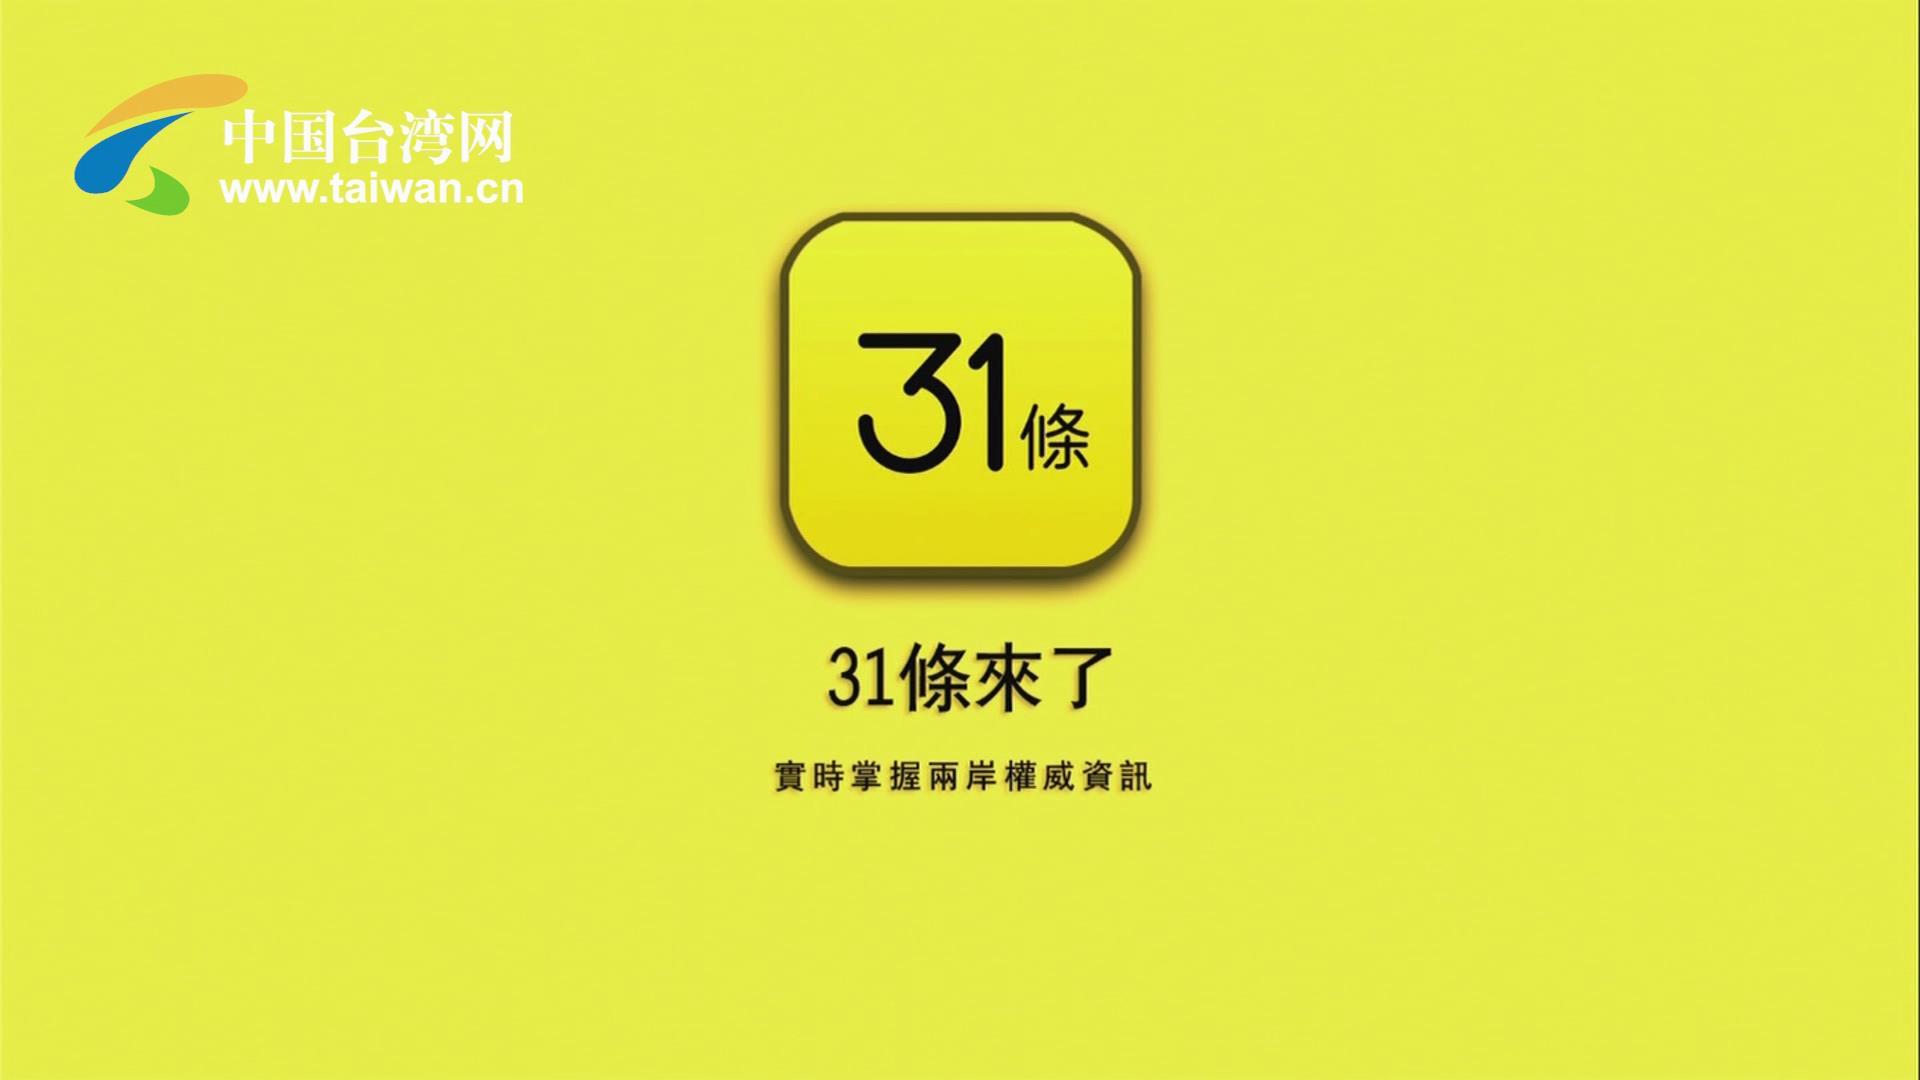 31条 app发布会 有logo图片